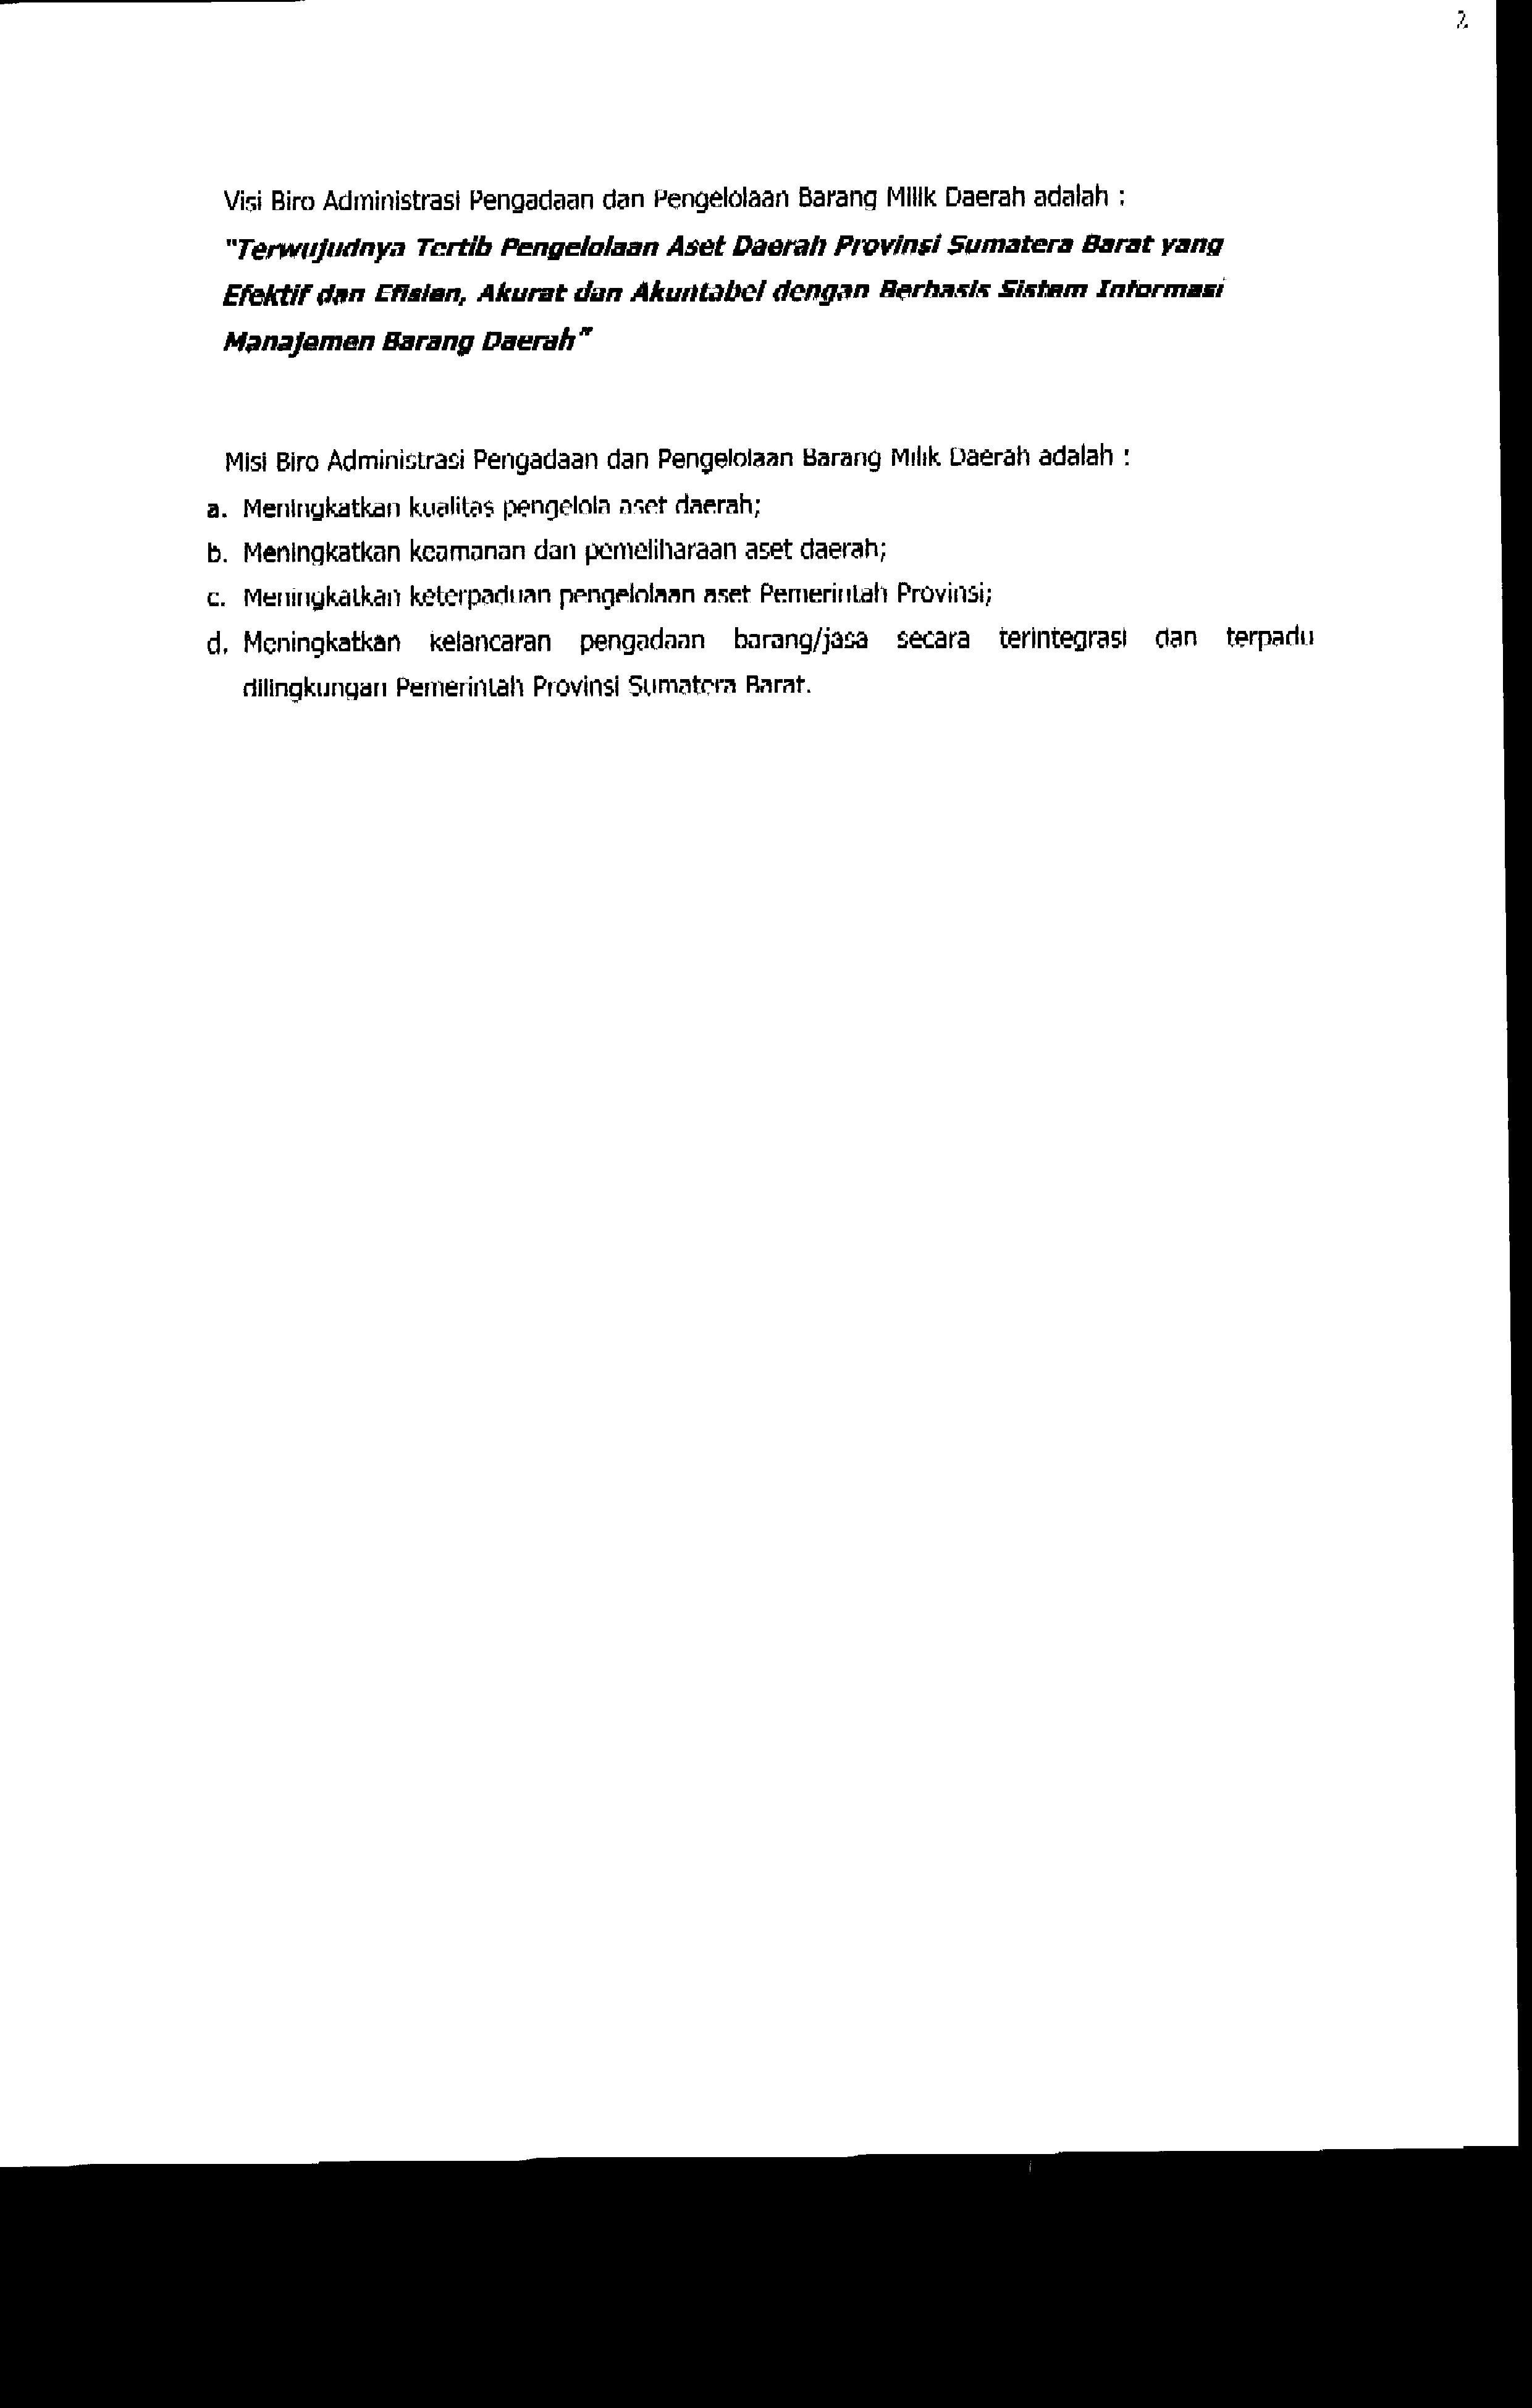 Visi dan Misi Biro Administrasi Pengadaan dan Pengelolaan Barang Milik Daerah